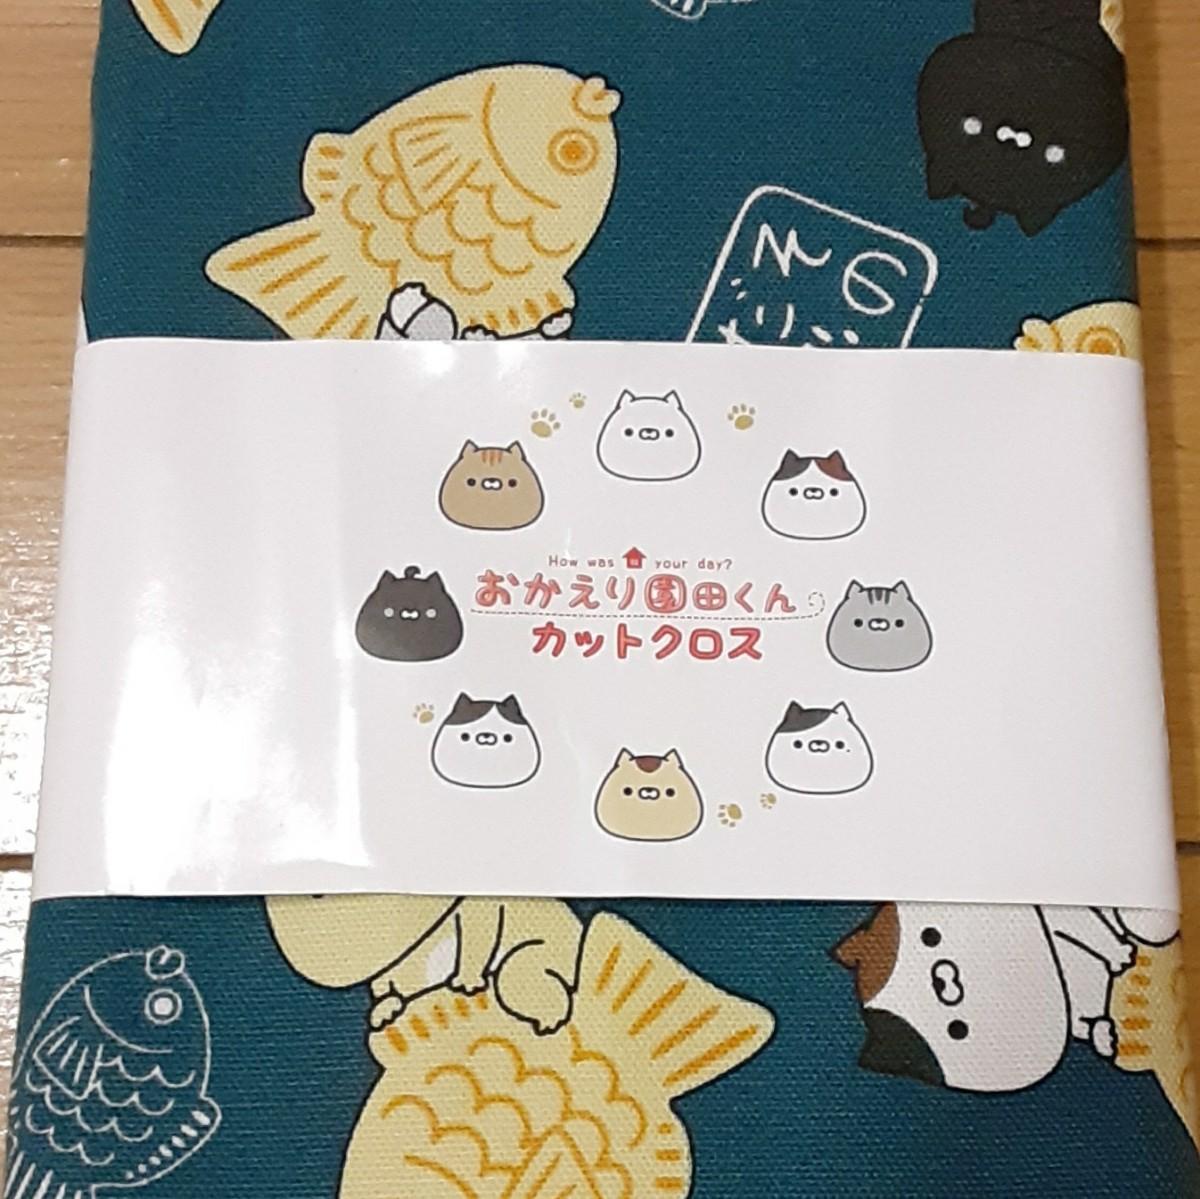 カットクロス【おかえり園田くん】オックス ねこ たいやき 生地 約104cm巾x1m 綿100% 日本製 未使用